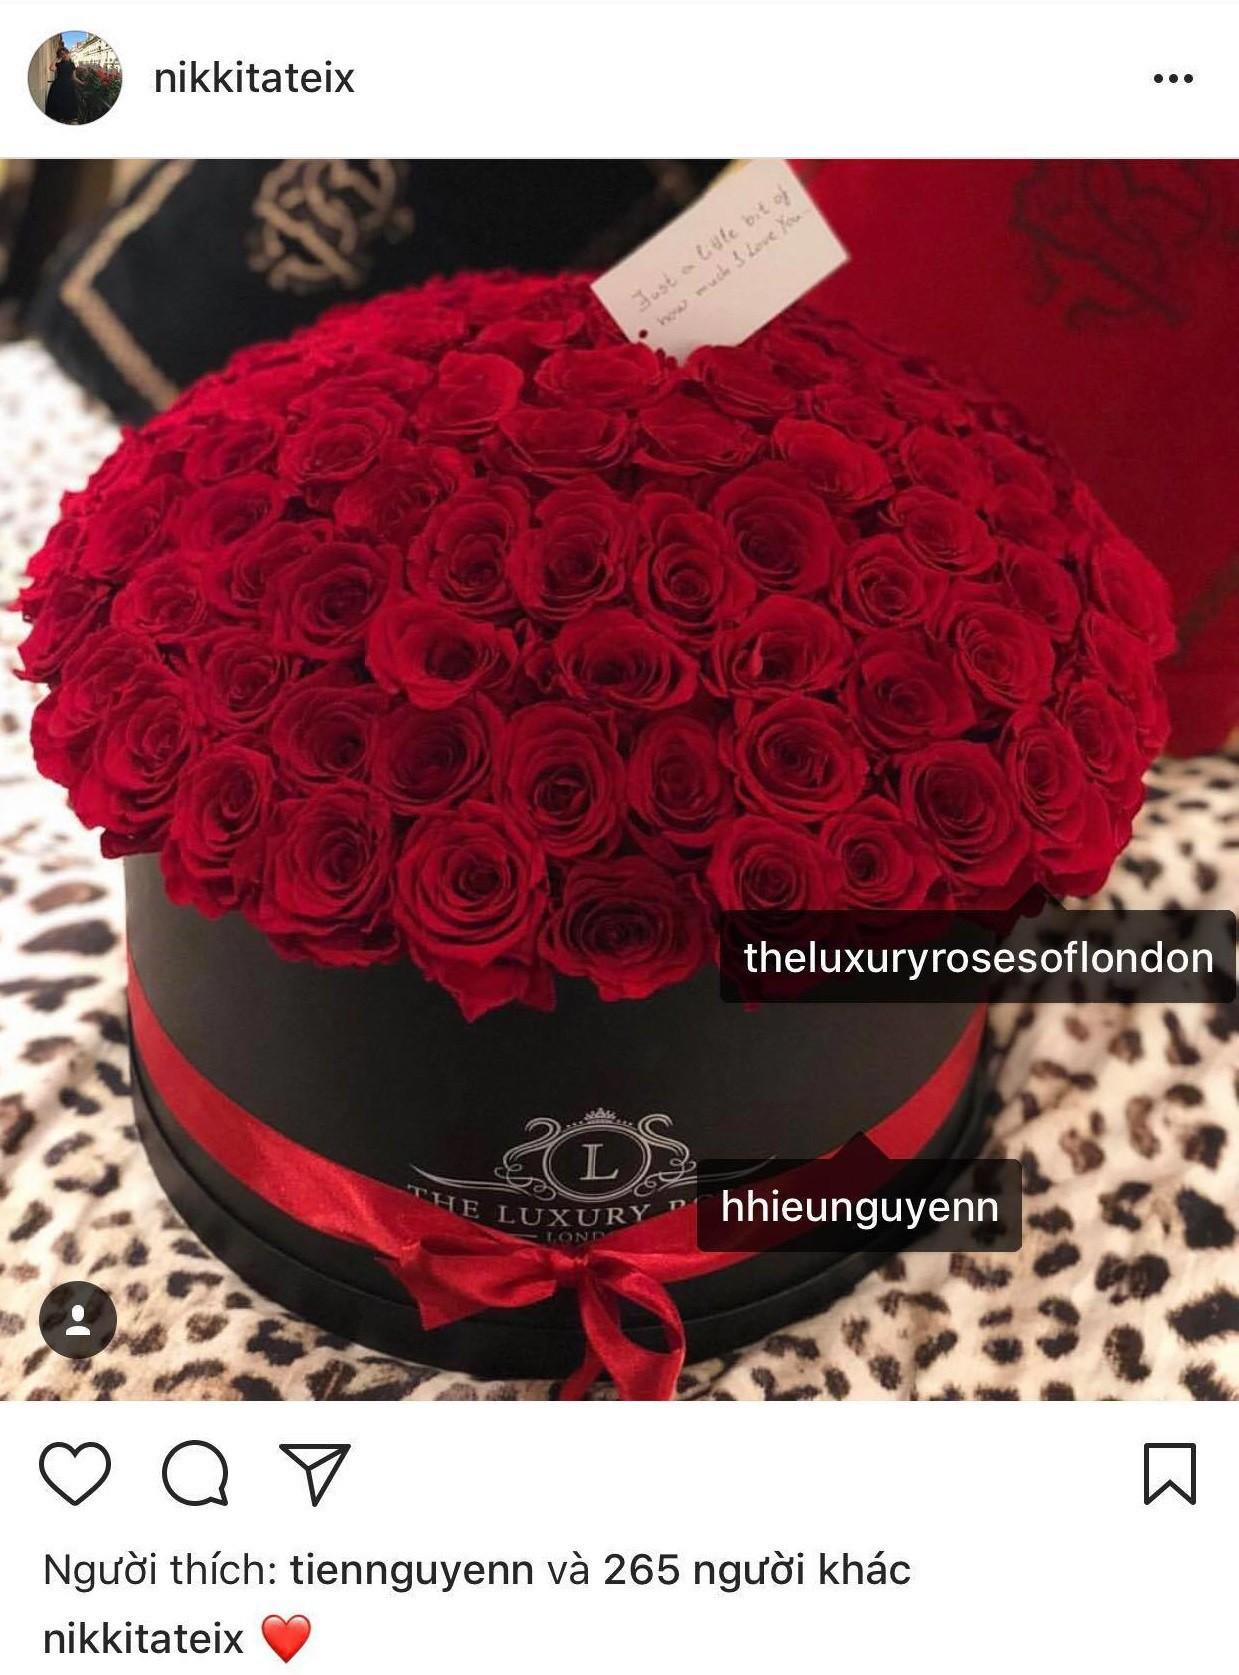 Cô gái Tây bất ngờ xoá ảnh và bỏ follow thiếu gia em chồng Hà Tăng trên Instagram, rộ nghi án đã chia tay - Ảnh 3.